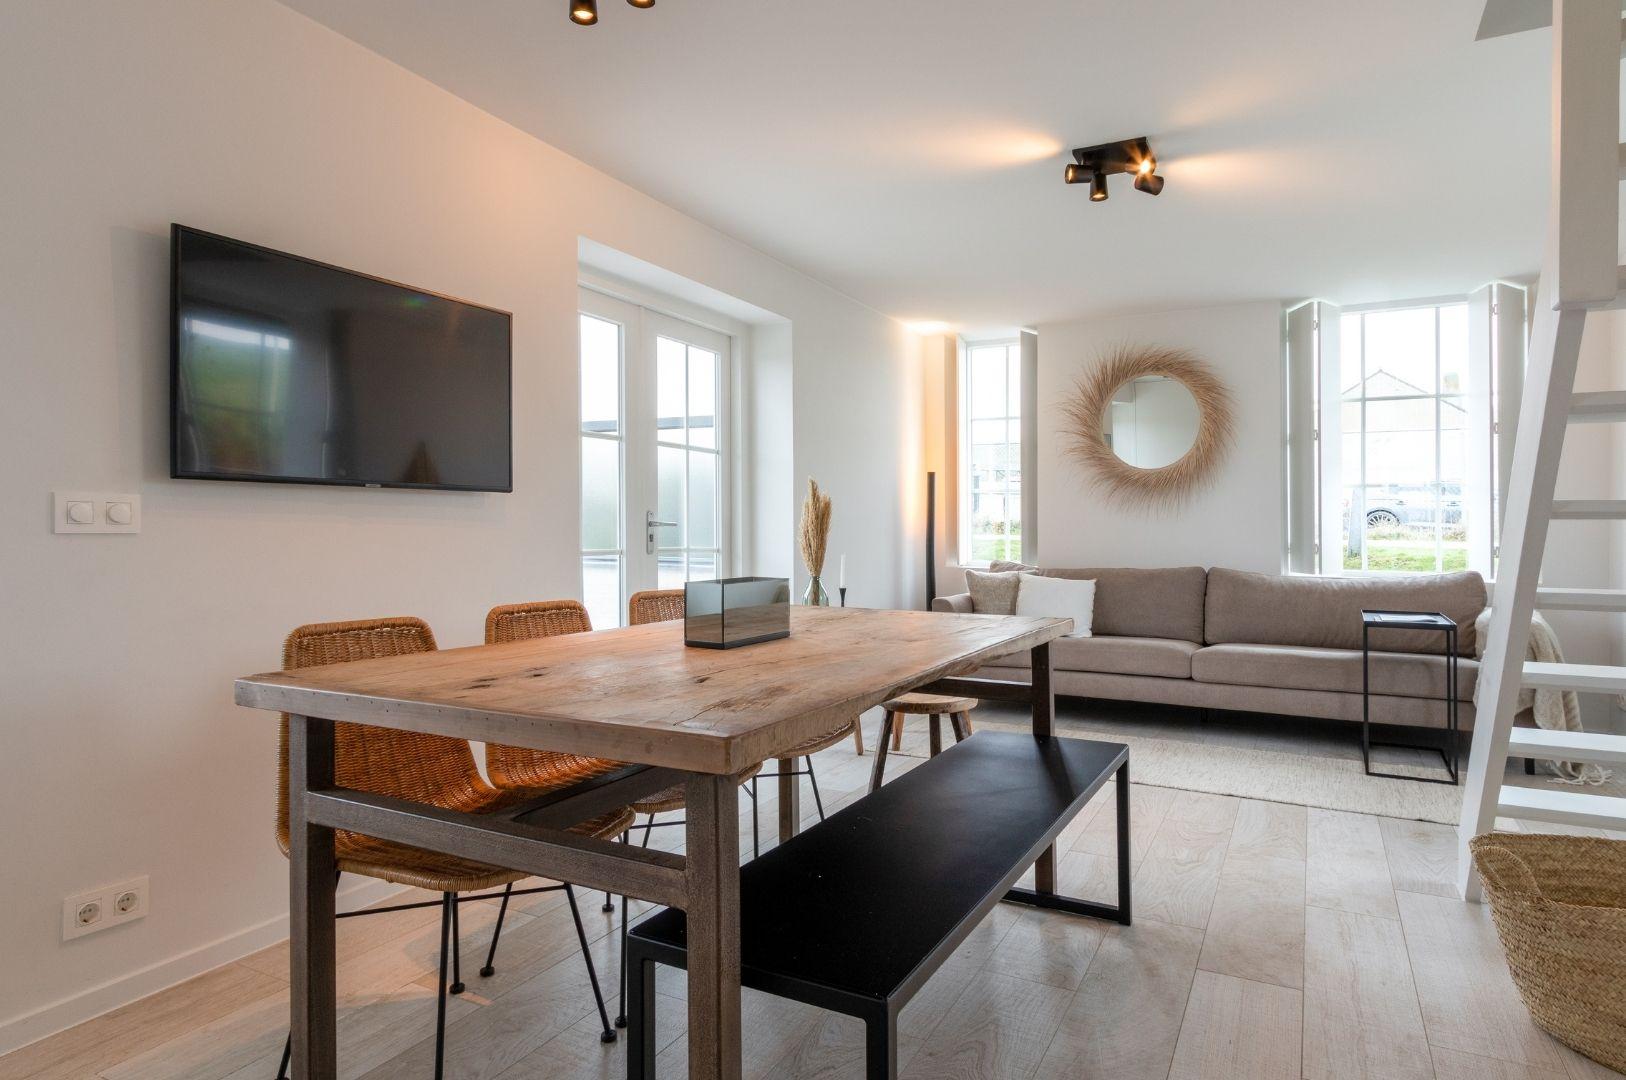 Villapparte-Zeeuws Duinhuis-luxe vakantiehuis voor 5 personen-Breskens-Zeeuws Vlaanderen-gezellige eethoek